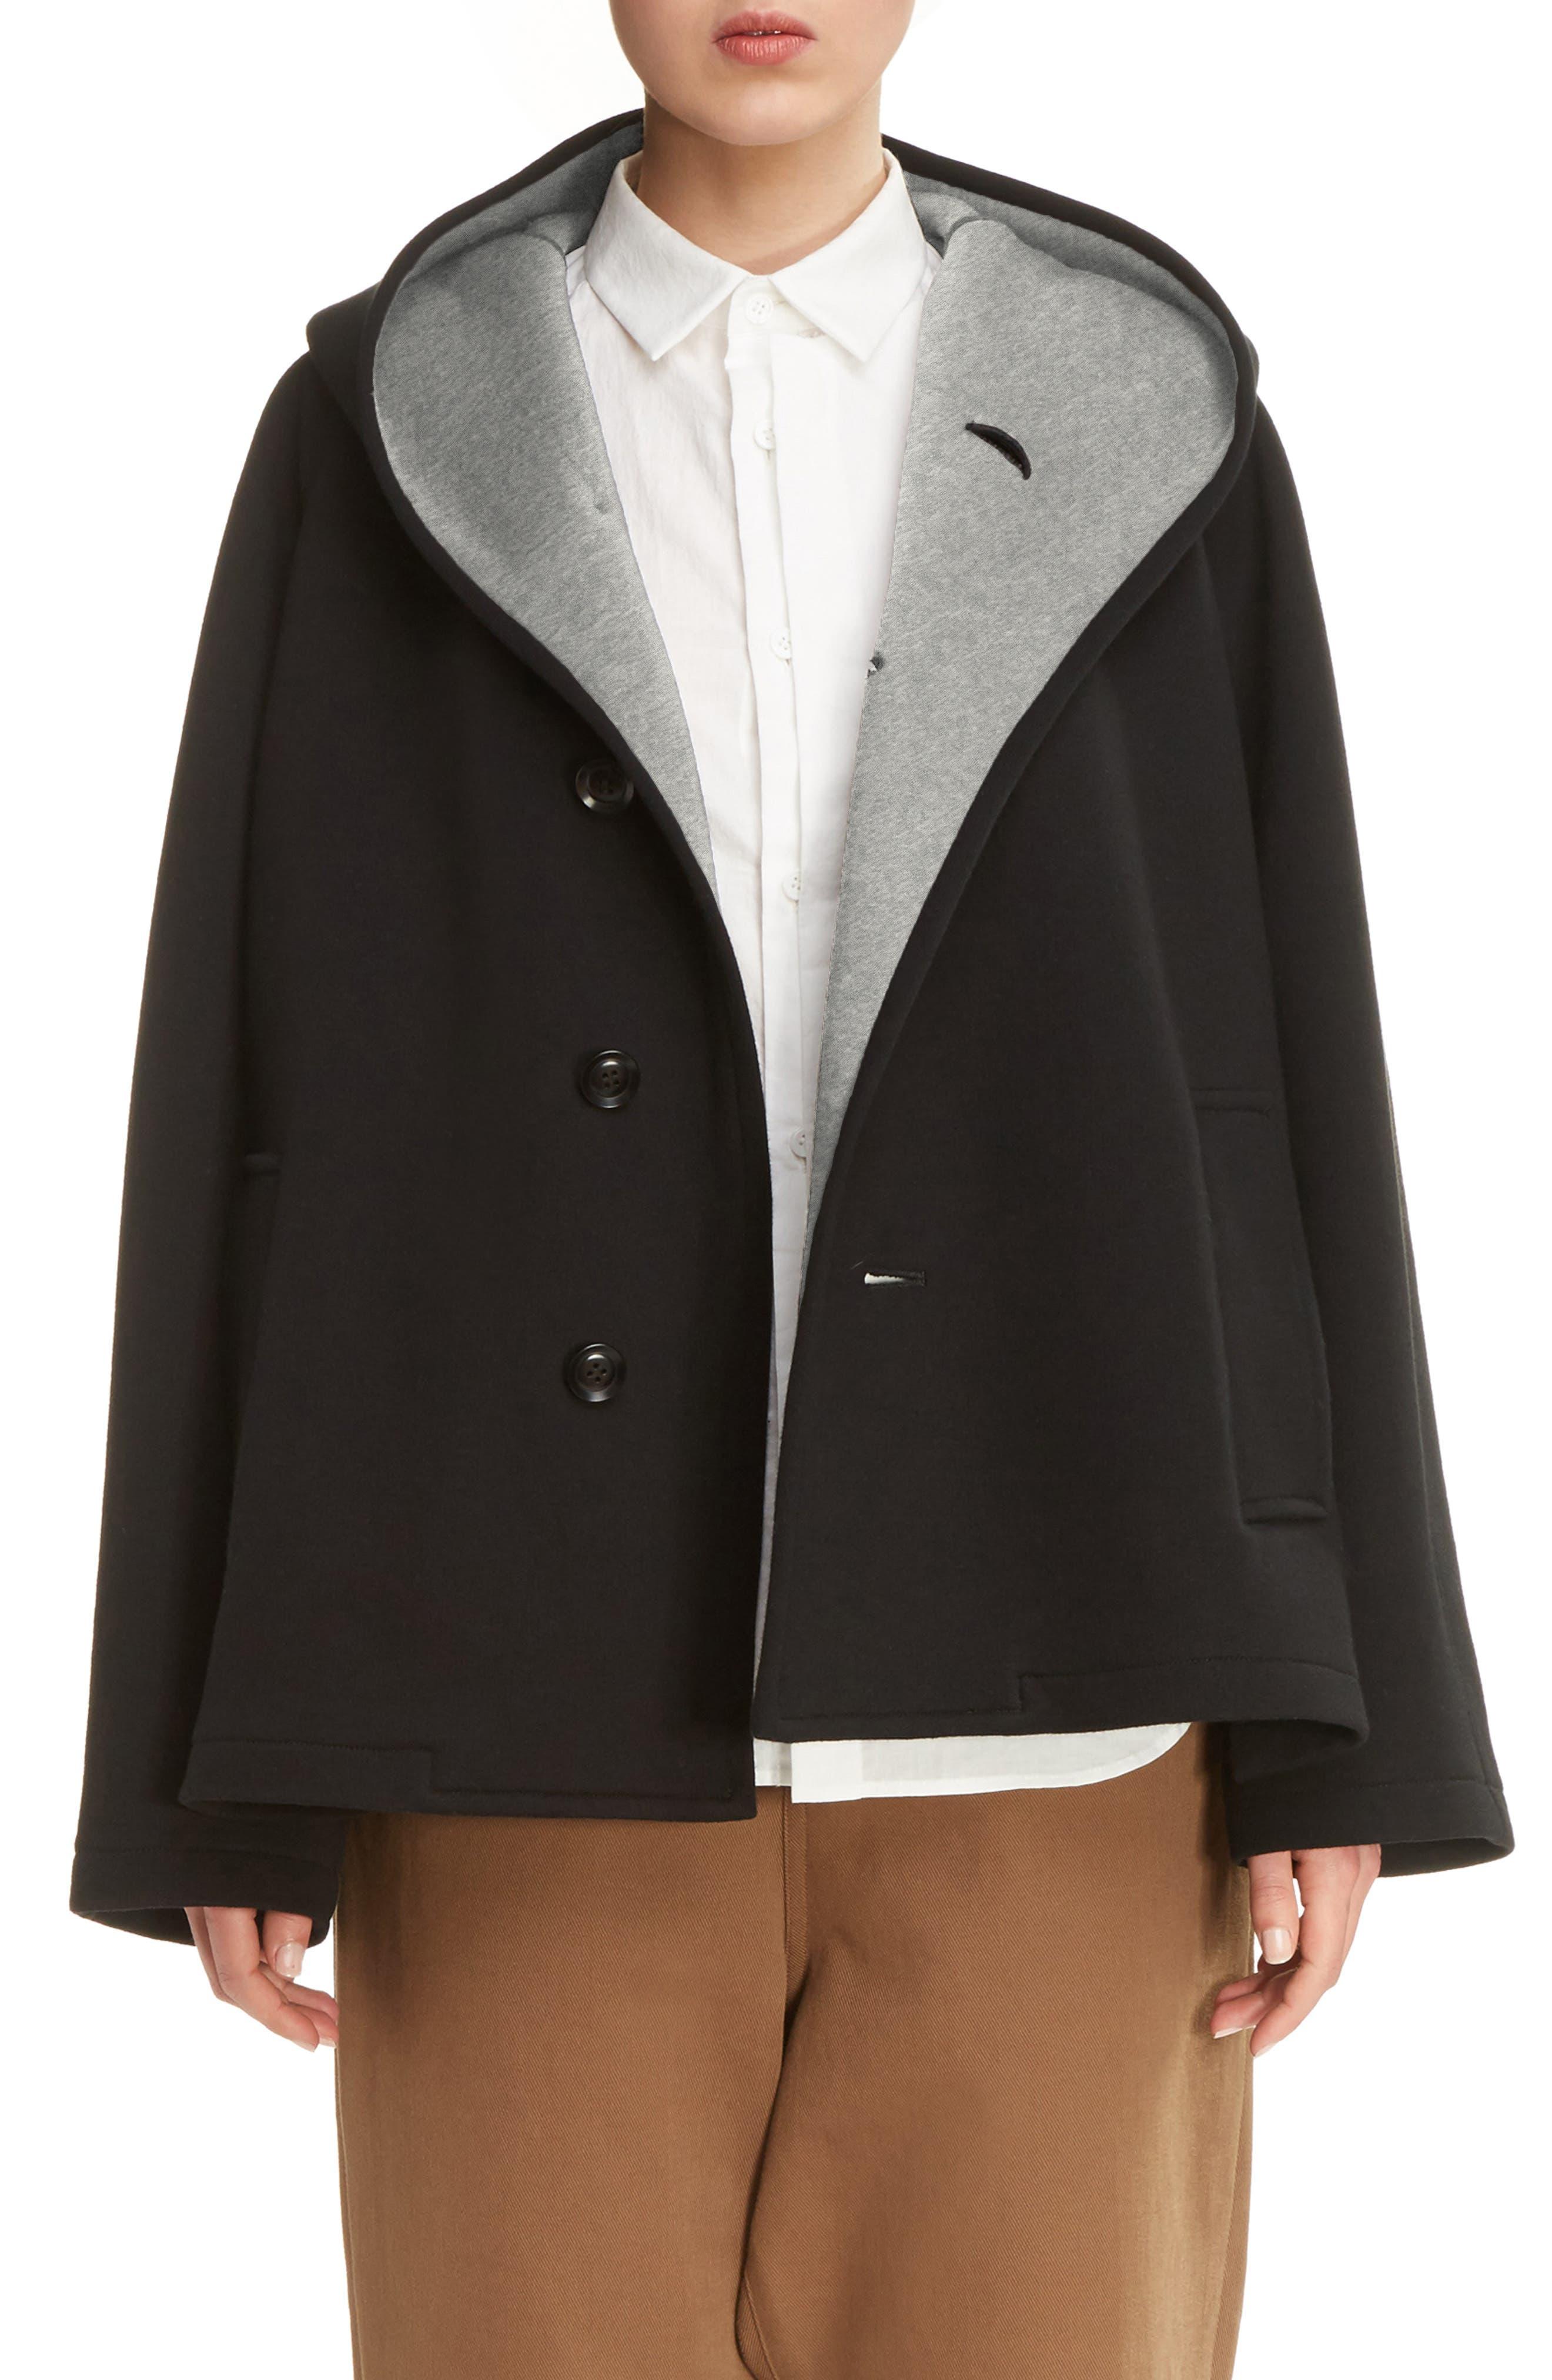 U-Hood Short Jacket,                             Main thumbnail 1, color,                             020